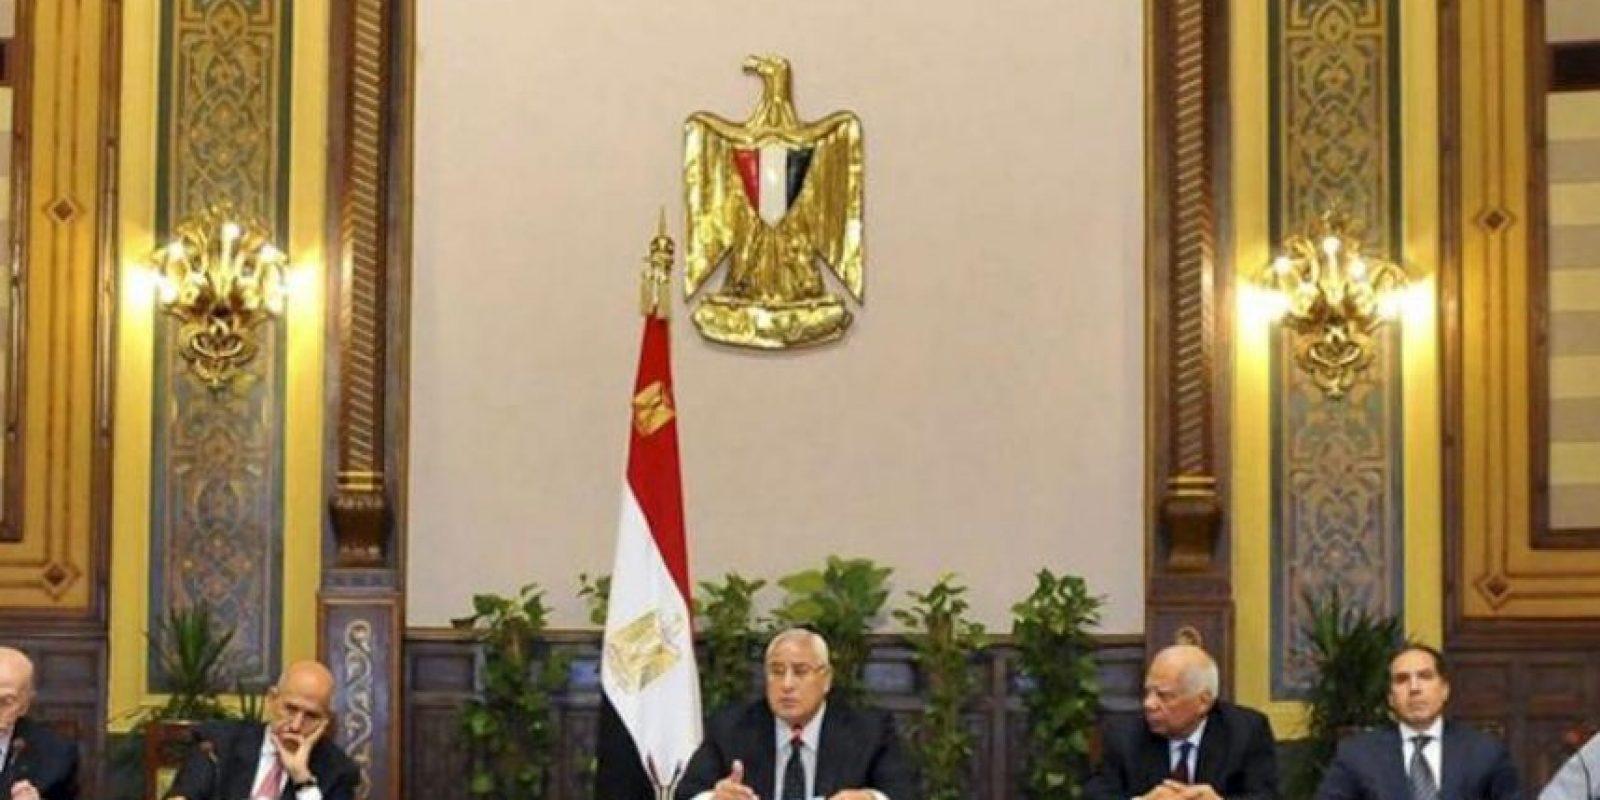 Fotografía facilitada por la Presidencia egipcia que muestra al presidente interino, Adli Mansur (3º izq), mientras preside la primera reunión para analizar el proceso de reconciliación nacional en El Cairo (Egipto) hoy, miércoles 24 de julio de 2013. EFE